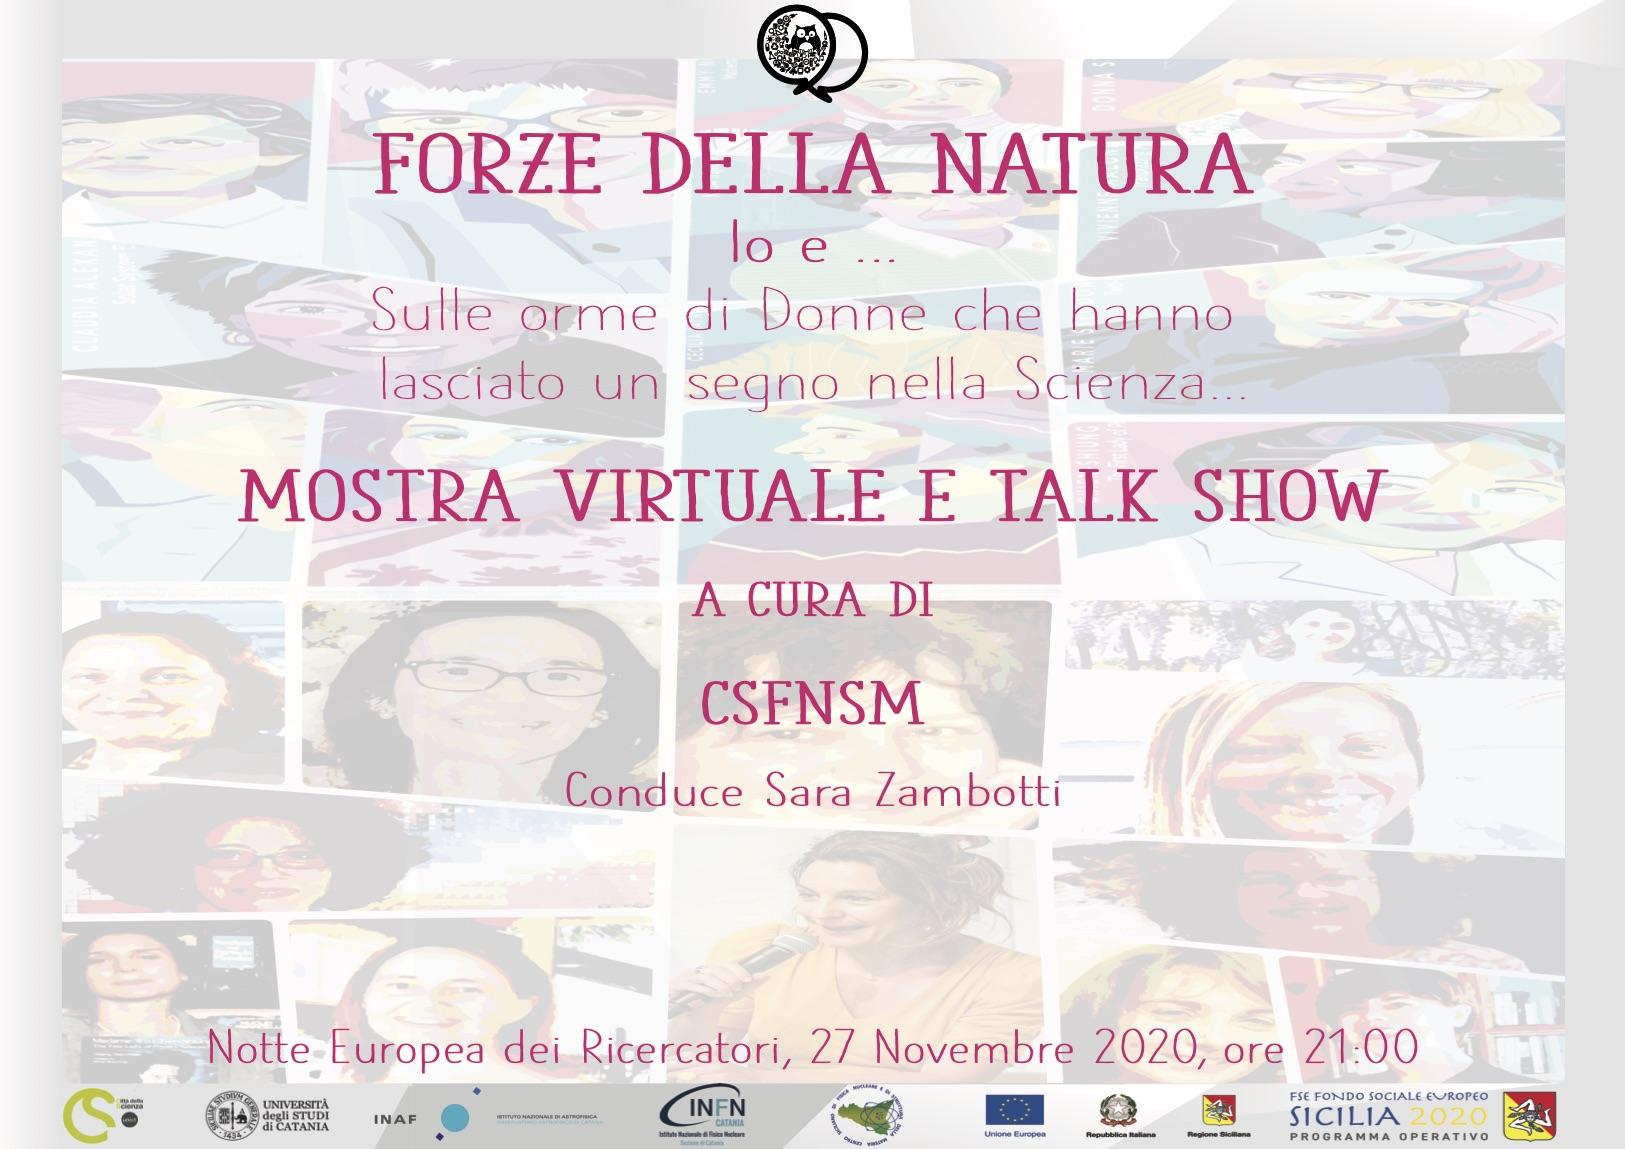 Regione Siciliana, Città della Scienza, CSFNSM, Università di Catania